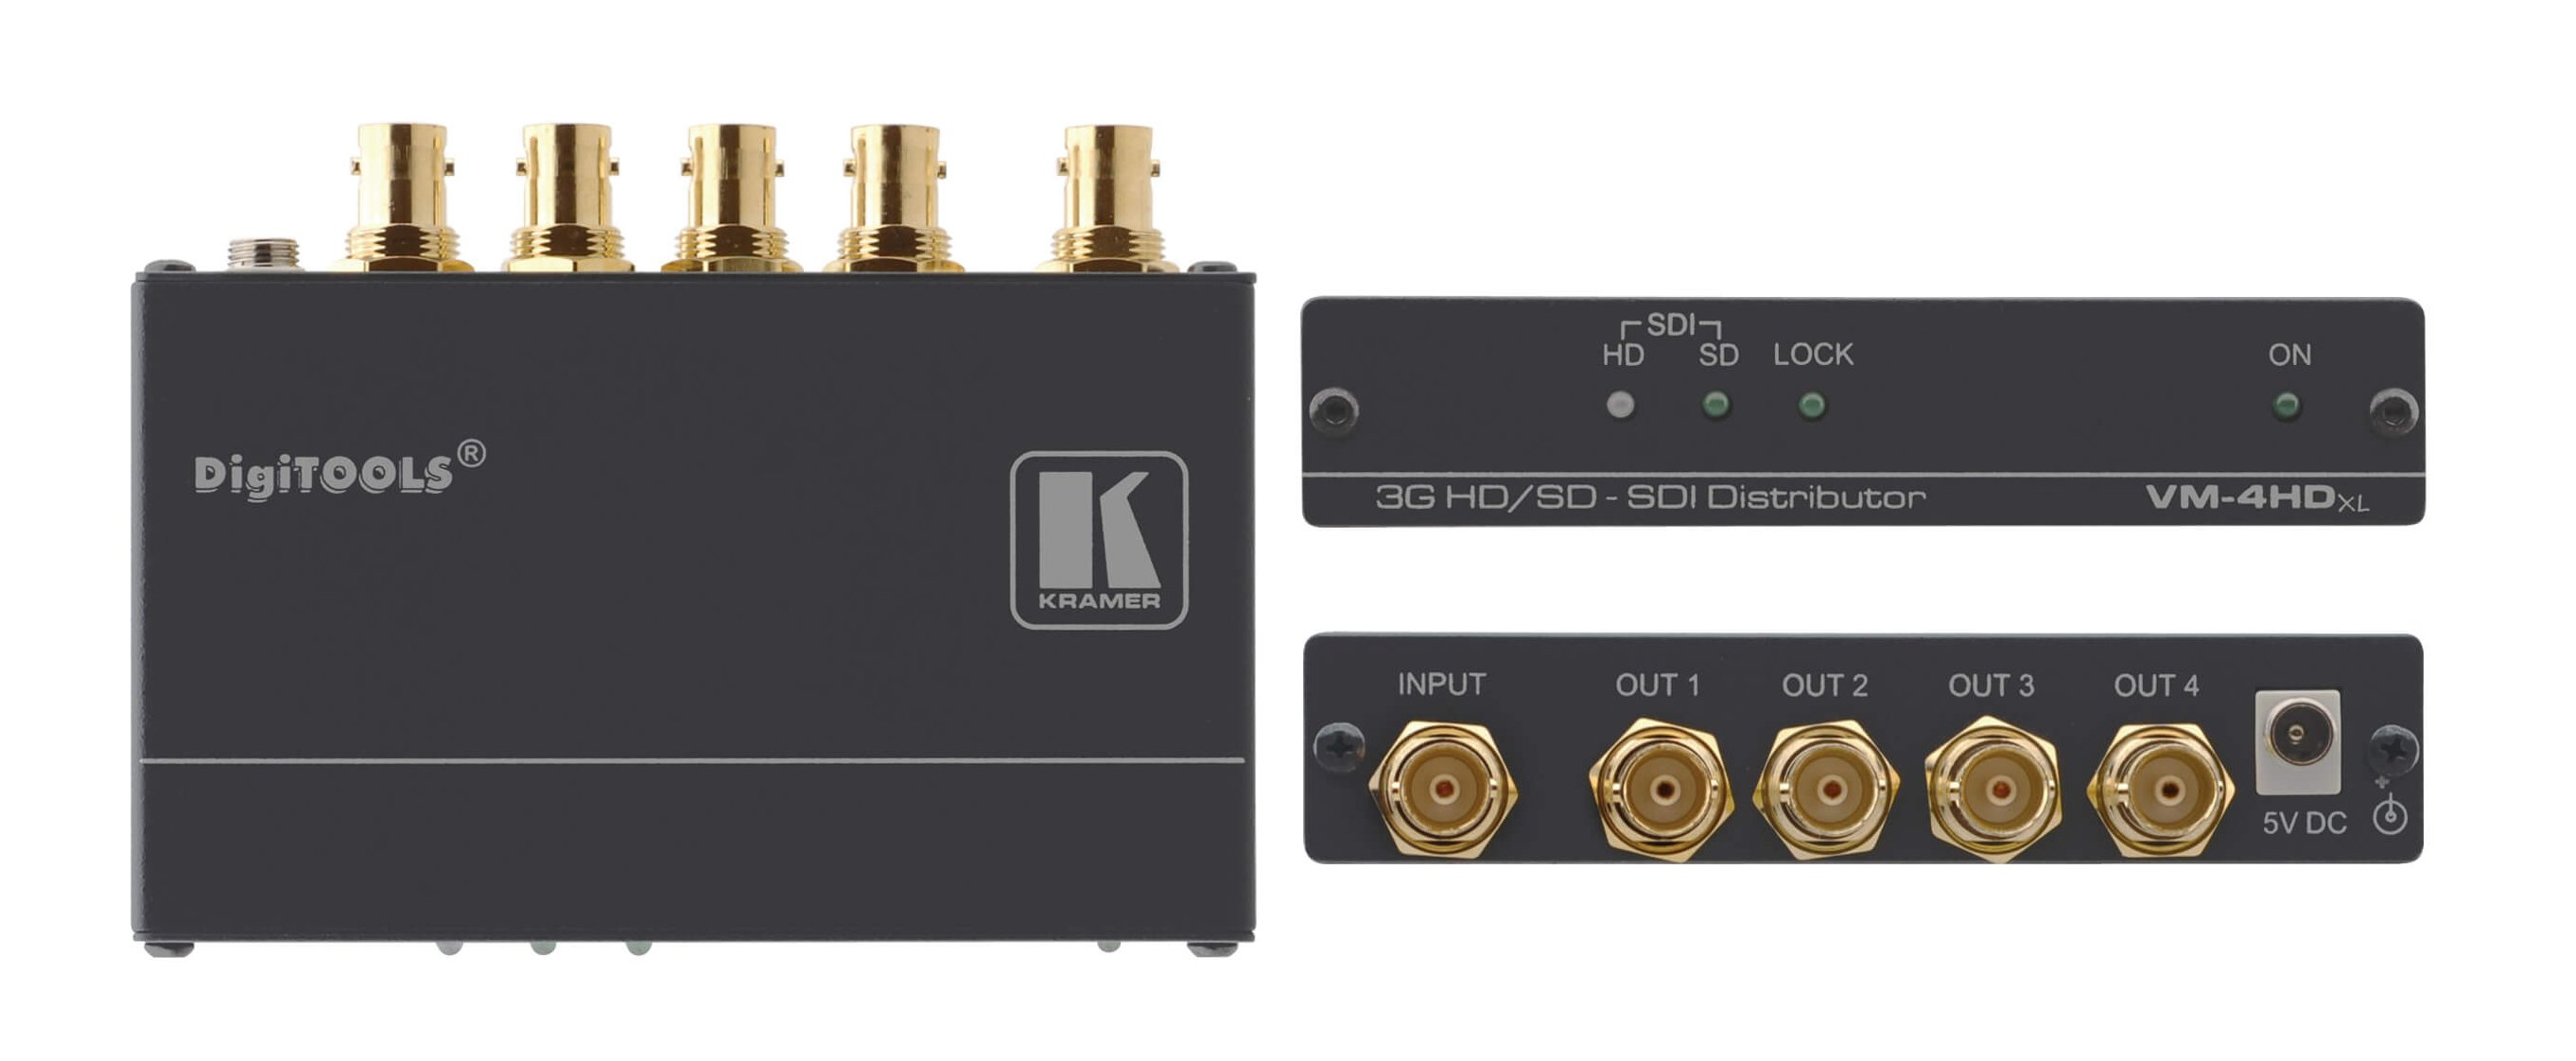 1:4 SDI, HD-SDI & 3G HD-SDI Video Distribution Amplifier